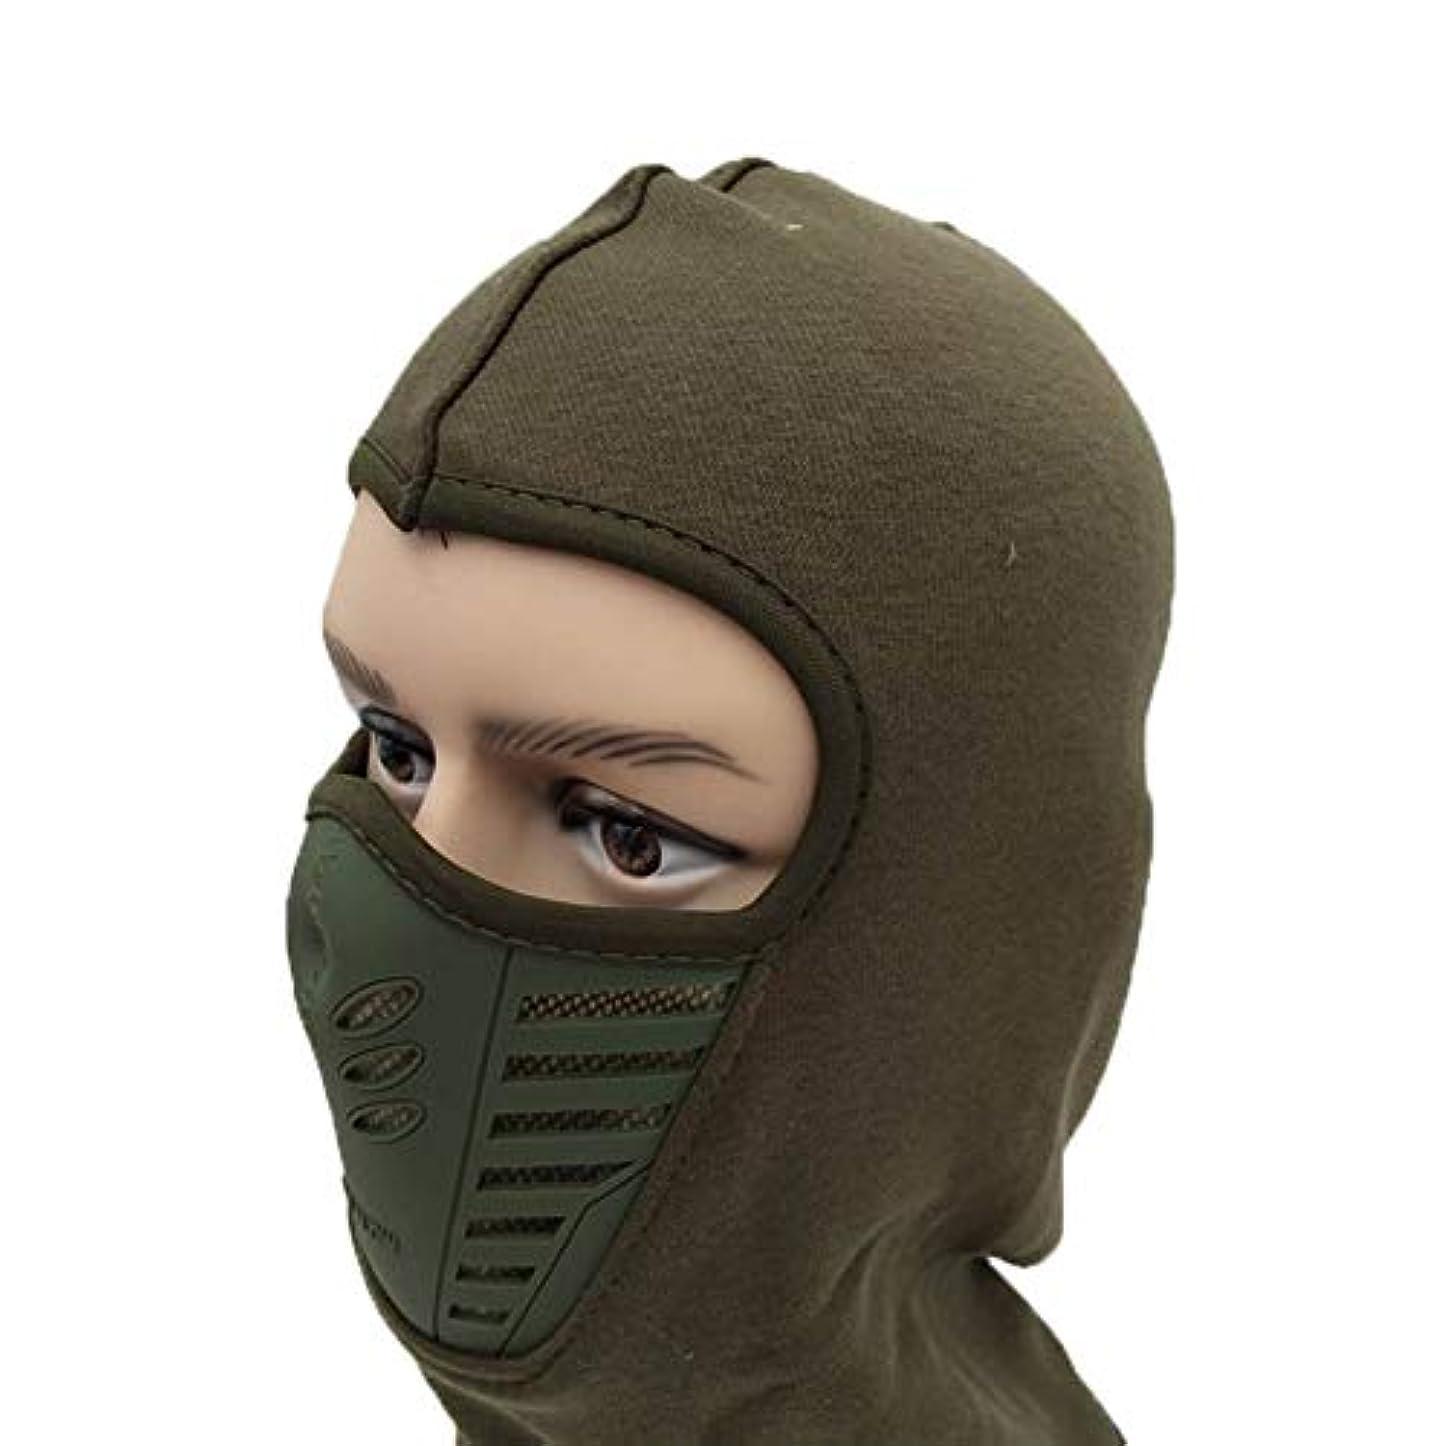 Aylincoolウィンターフリースネックウォーマー、フェイスマスクカバー、厚手ロングネックガーターチューブ、ビーニーネックウォーマーフード、ウィンターアウトドアスポーツマスク防風フード帽子